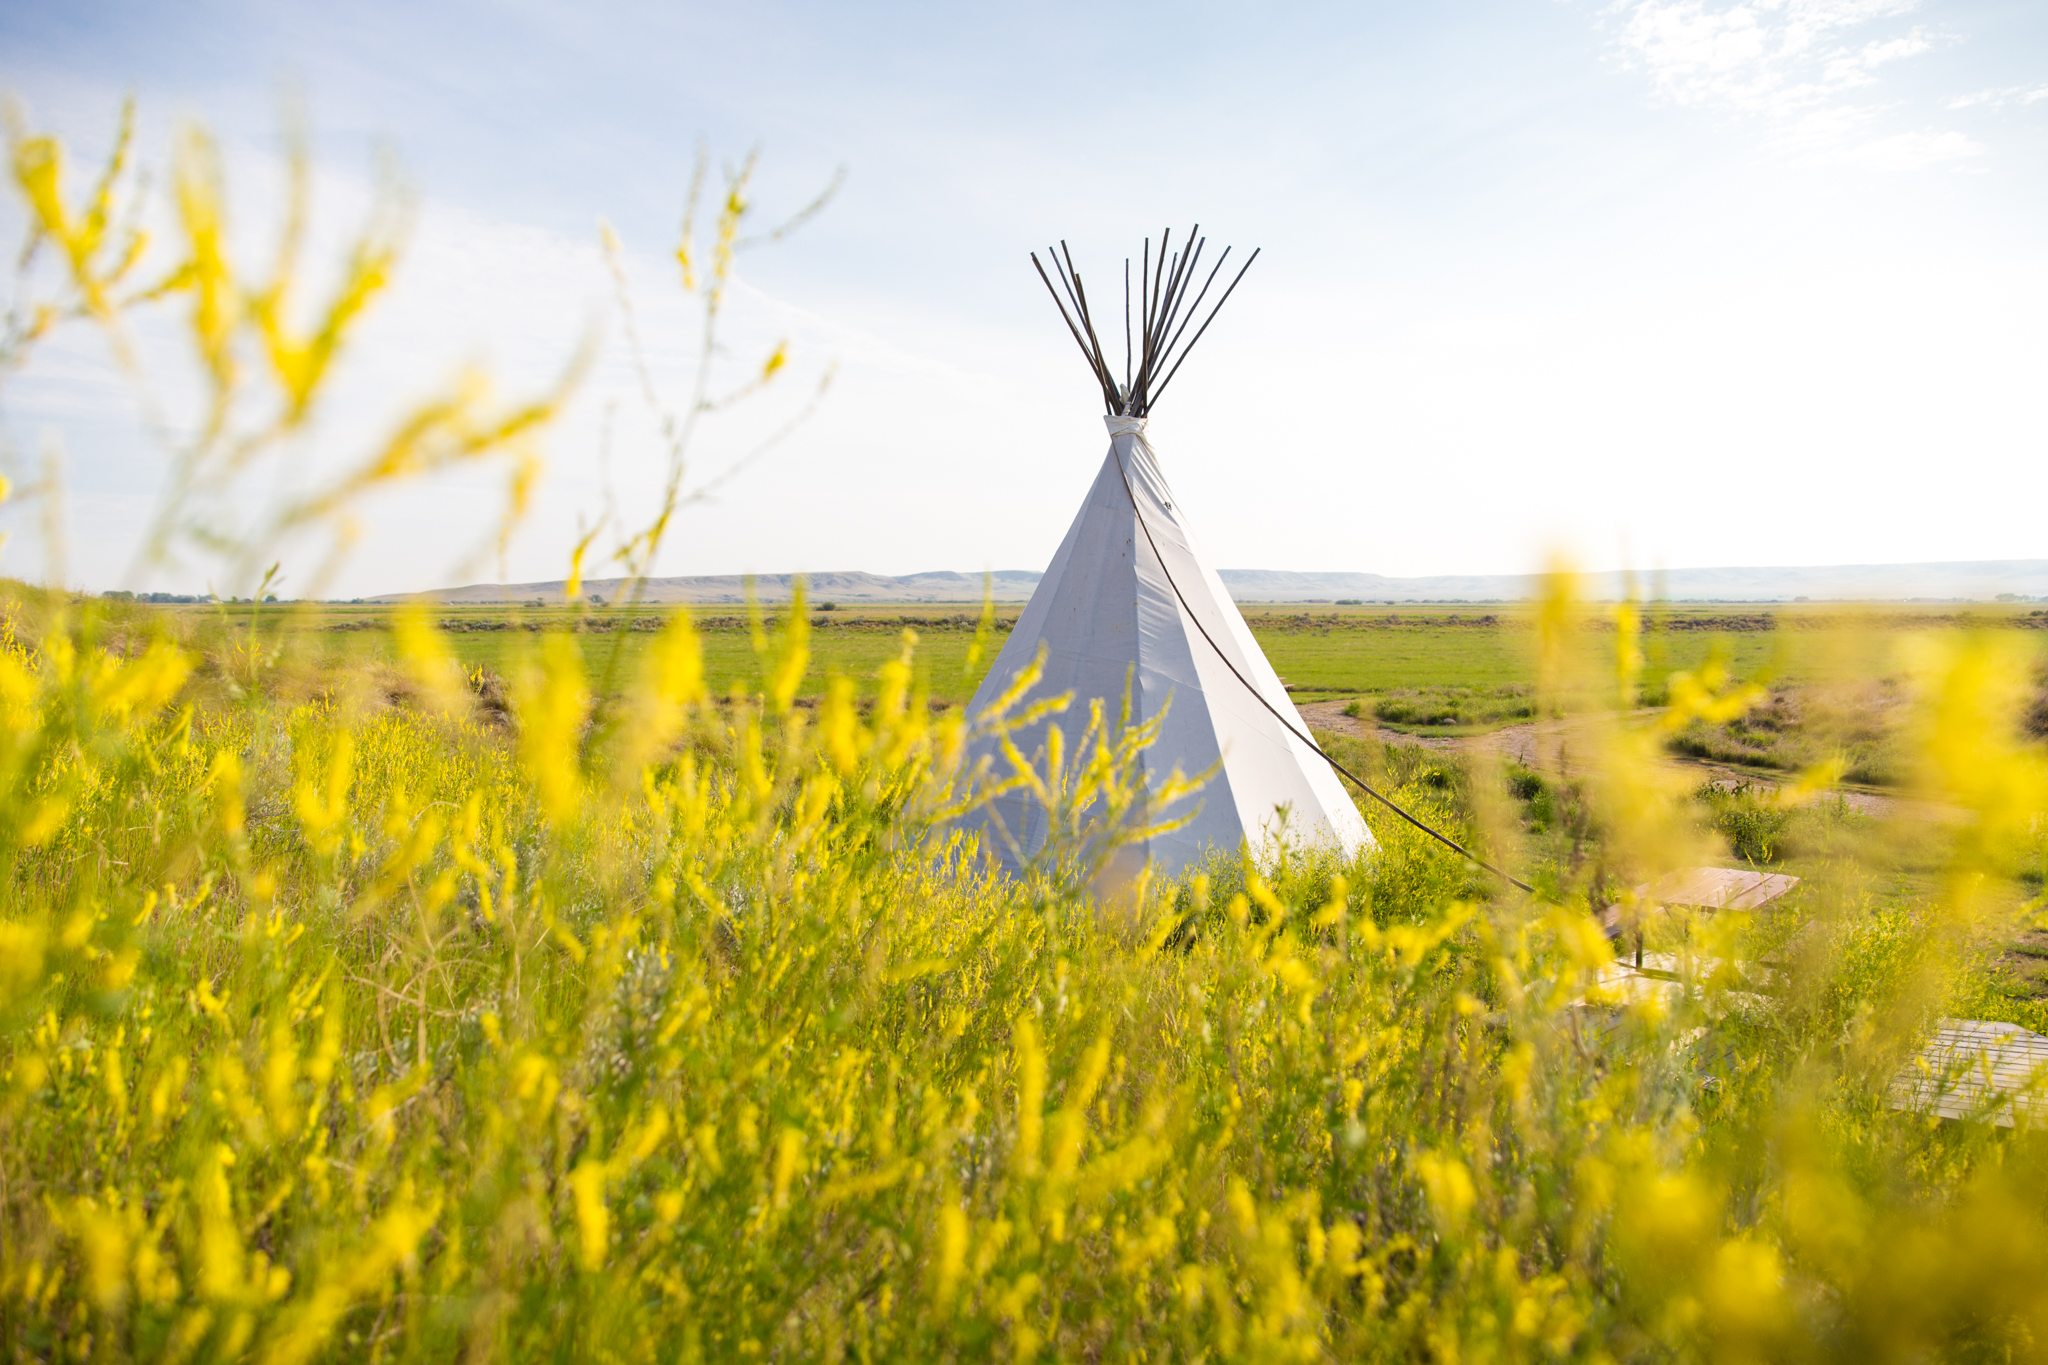 Tipi, the crossing resort. Grasslands national park